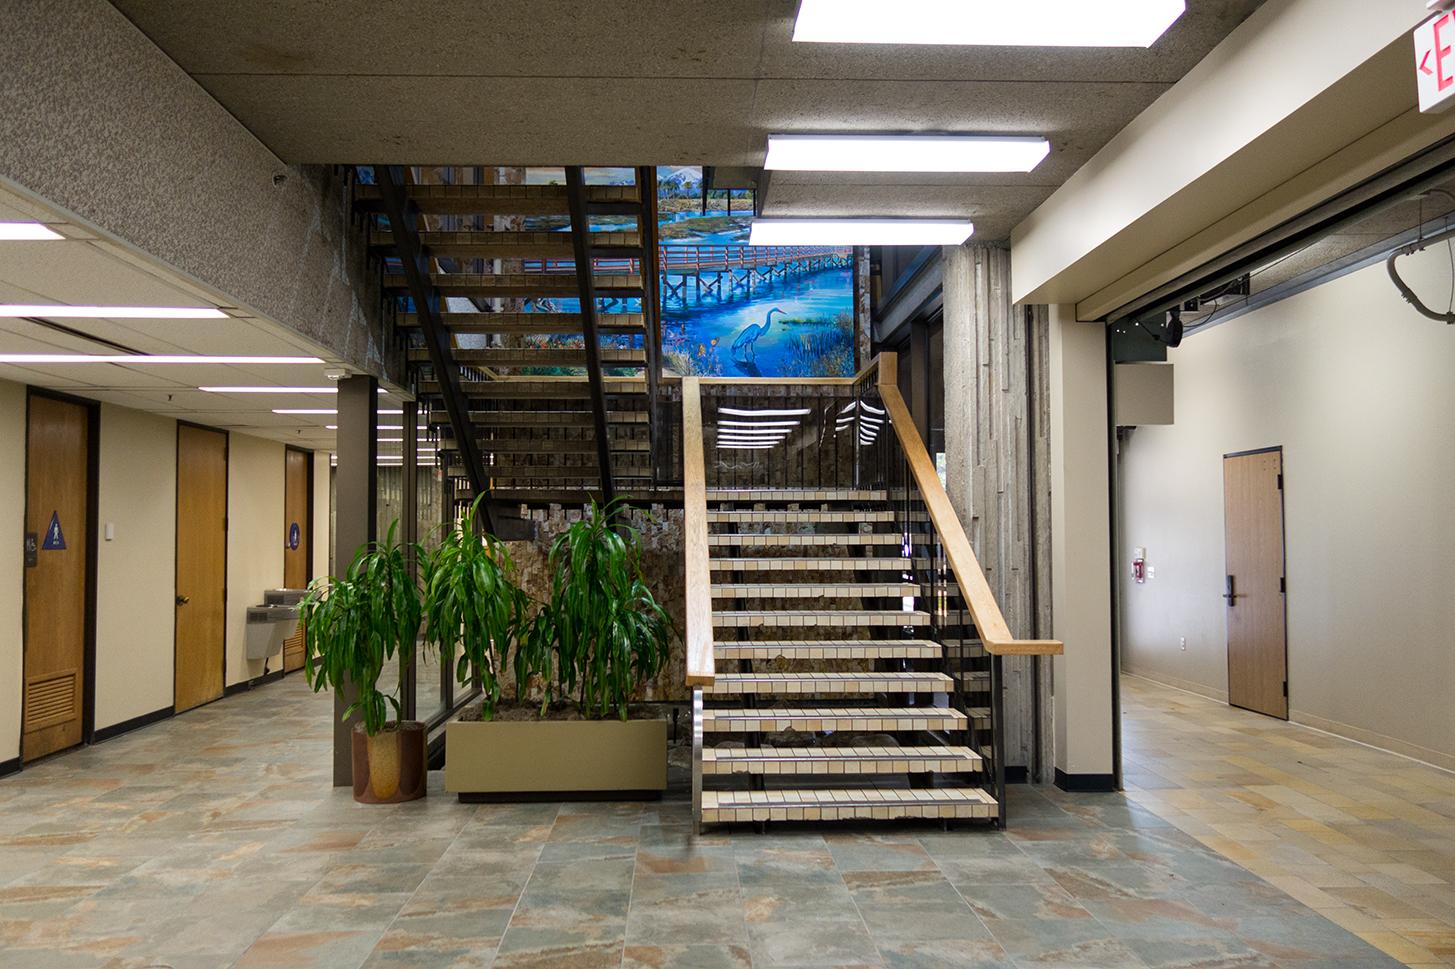 Central Library Huntington Beach Ca